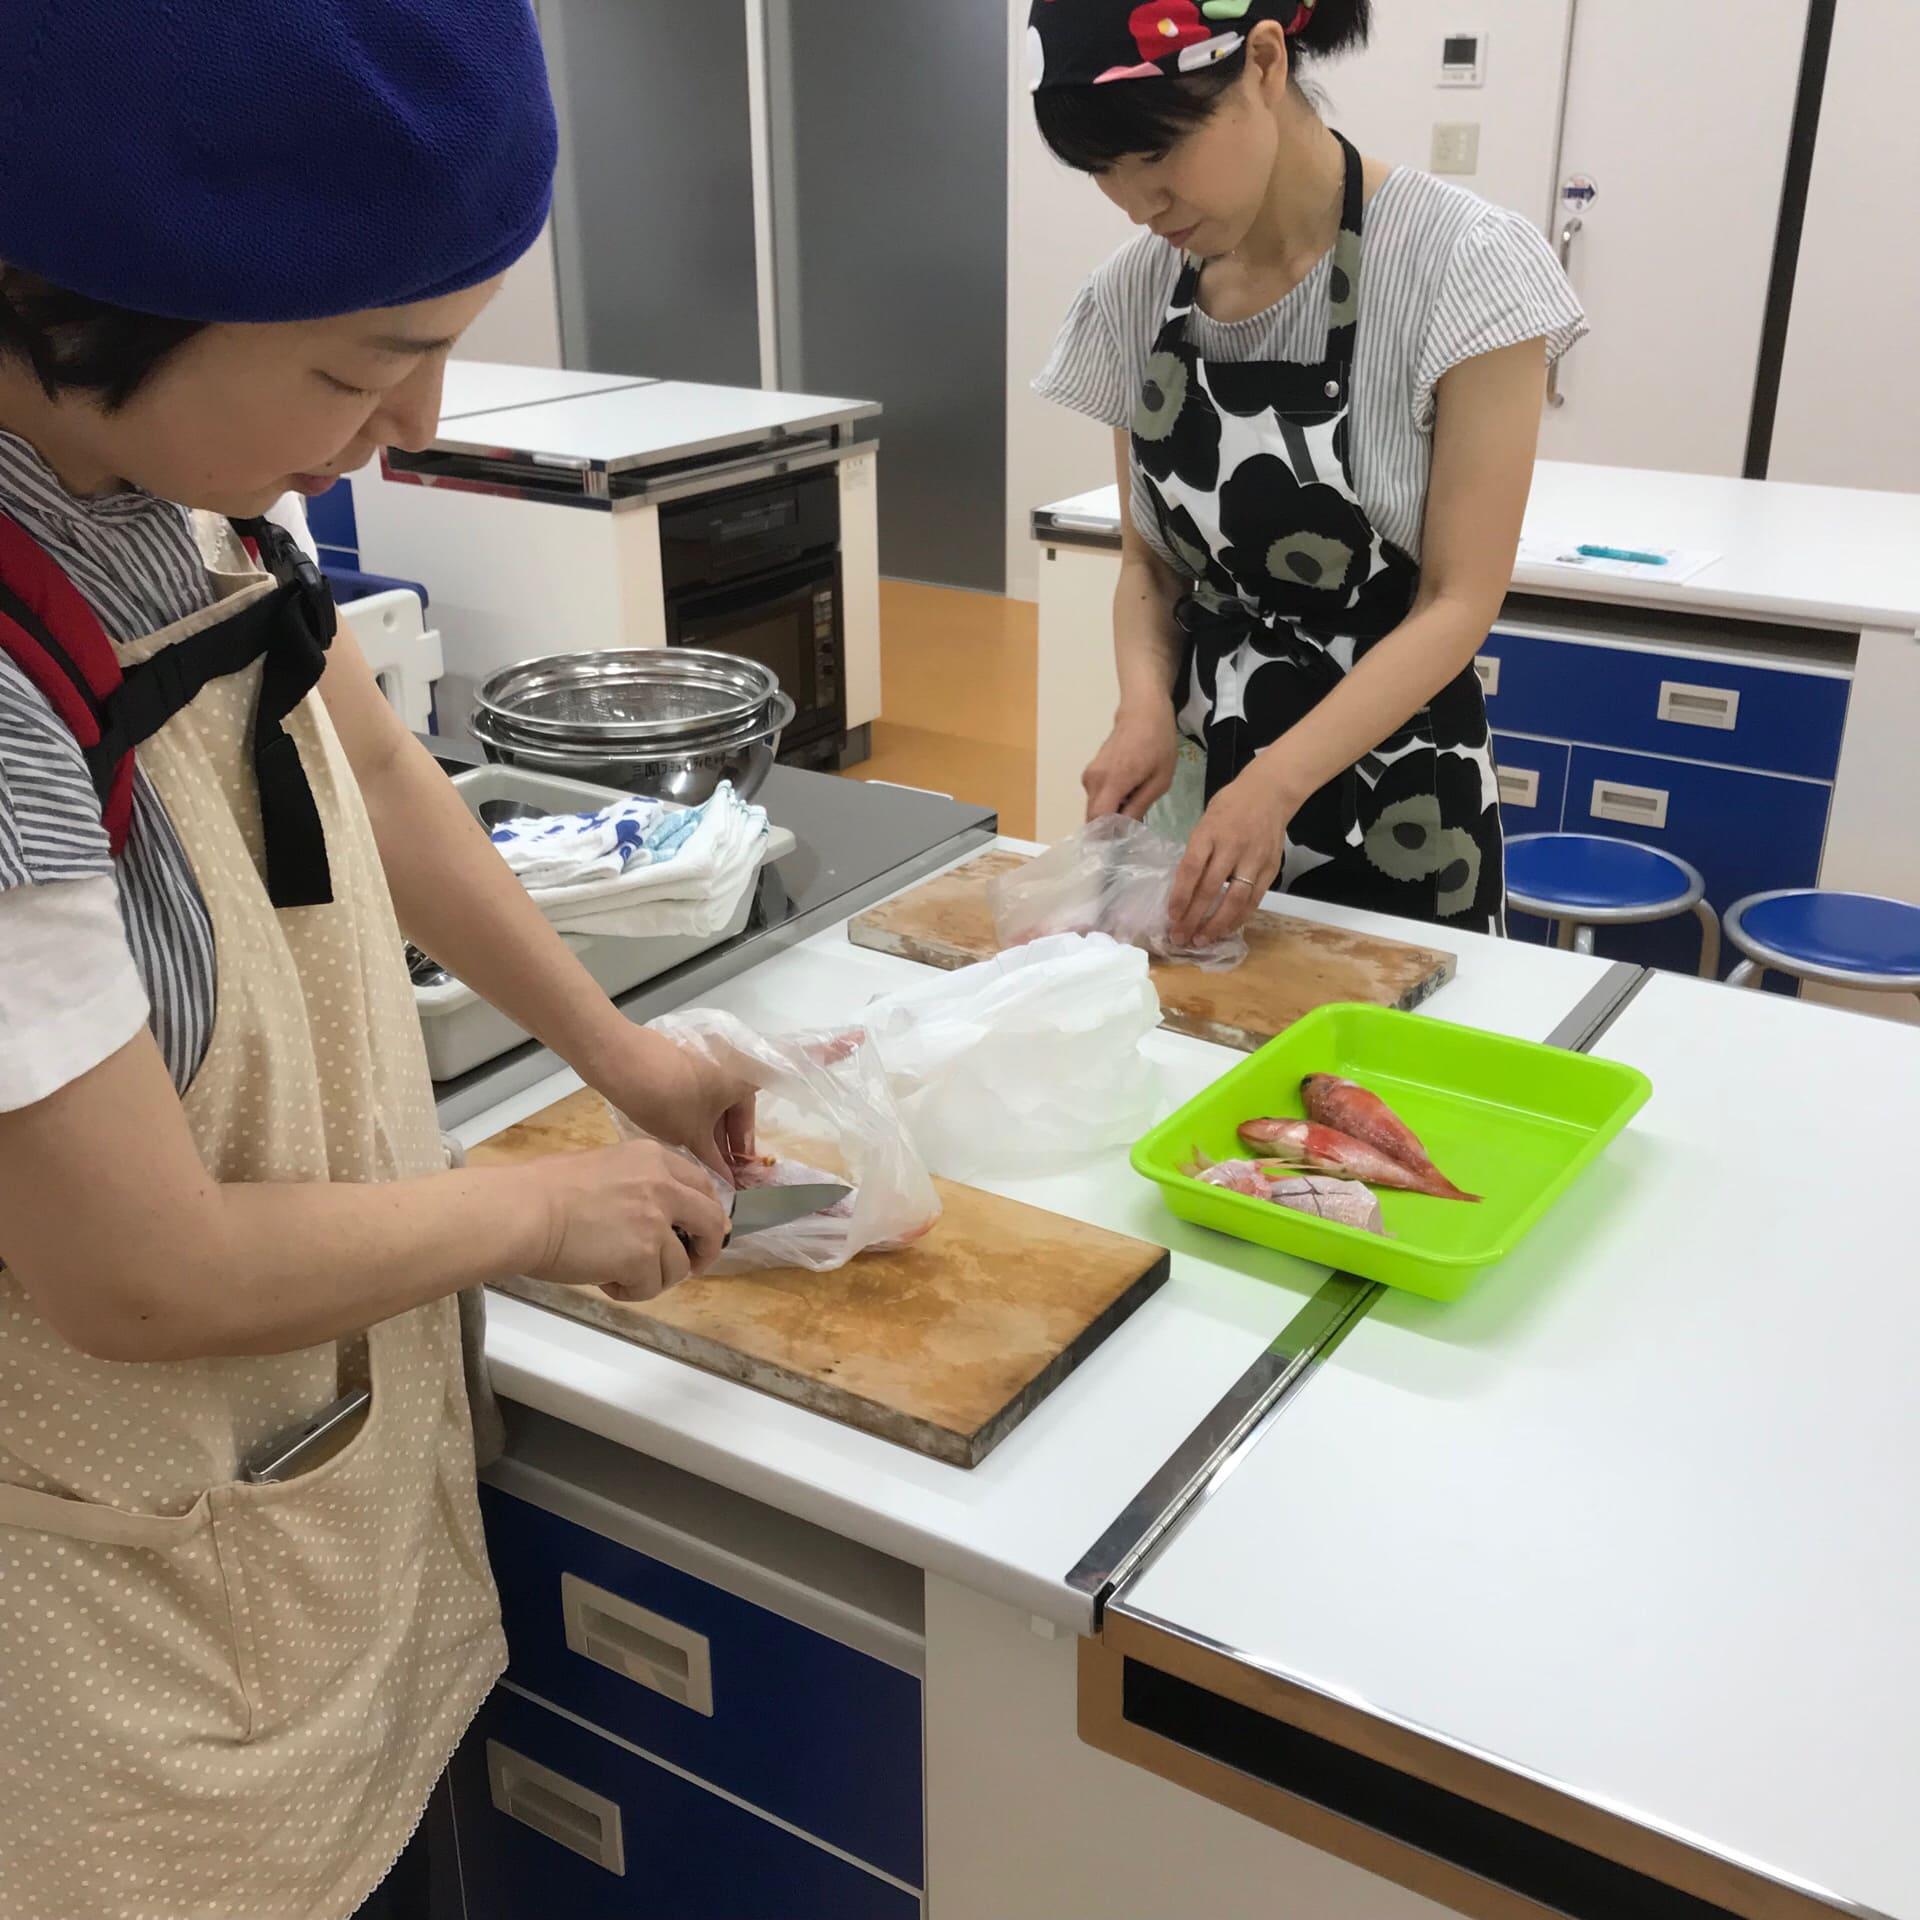 簡単で美味しいお魚家庭料理教室 「ちひろの海」教室の様子。福井の女性を応援するくらし情報、くらしくふくい。